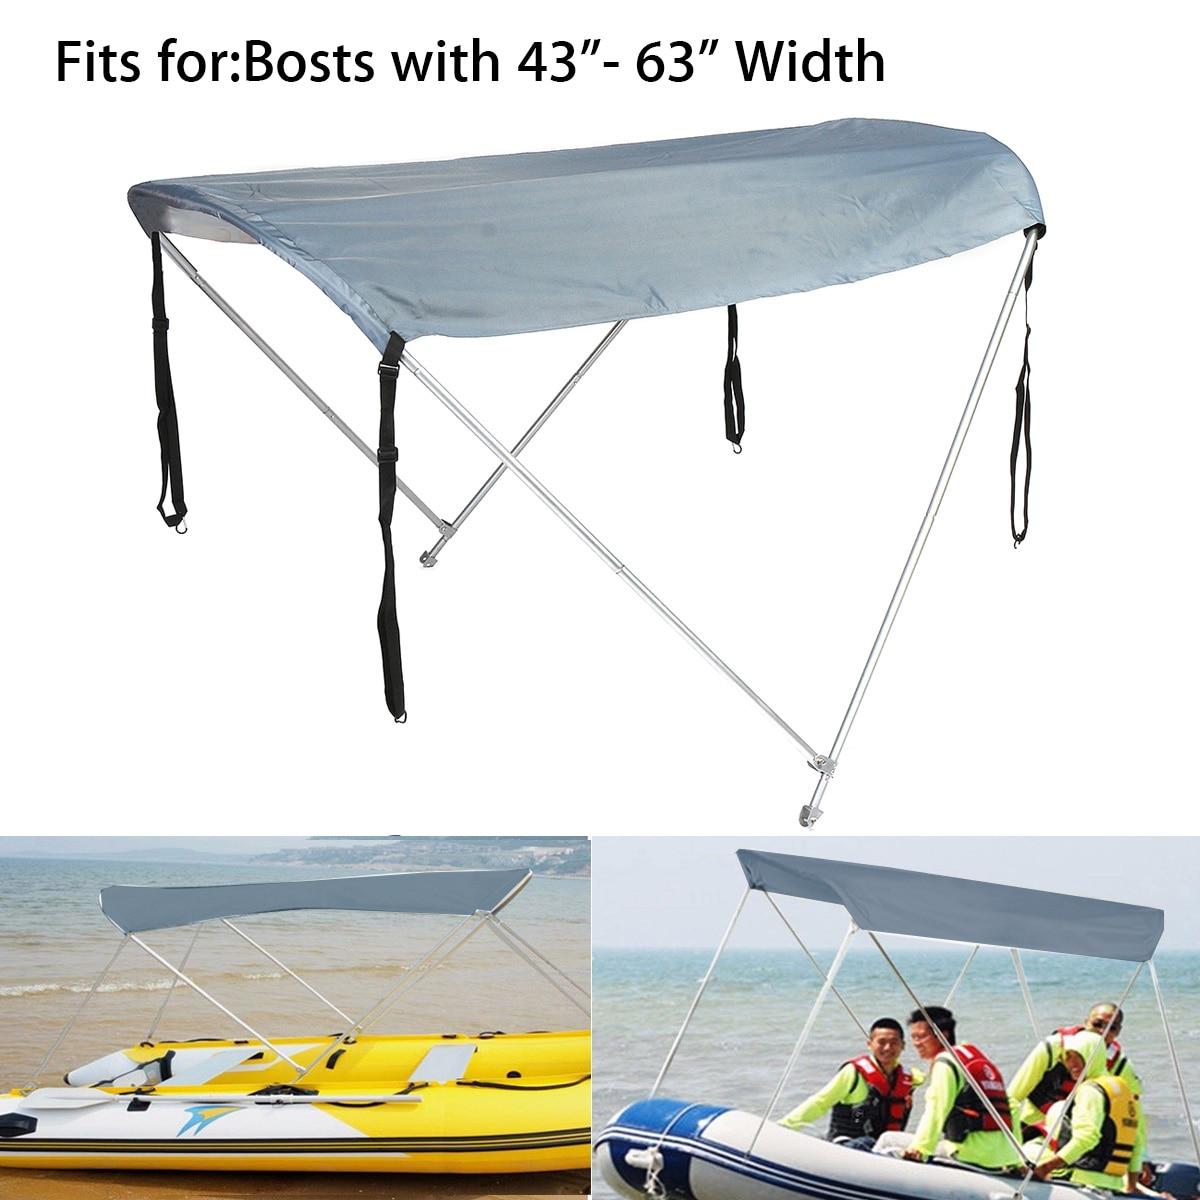 Inflatables bateau abri soleil voilier auvent dessus aviron bateaux housse tente pare soleil pluie auvent surf Kayak canoë bateau Top Kit